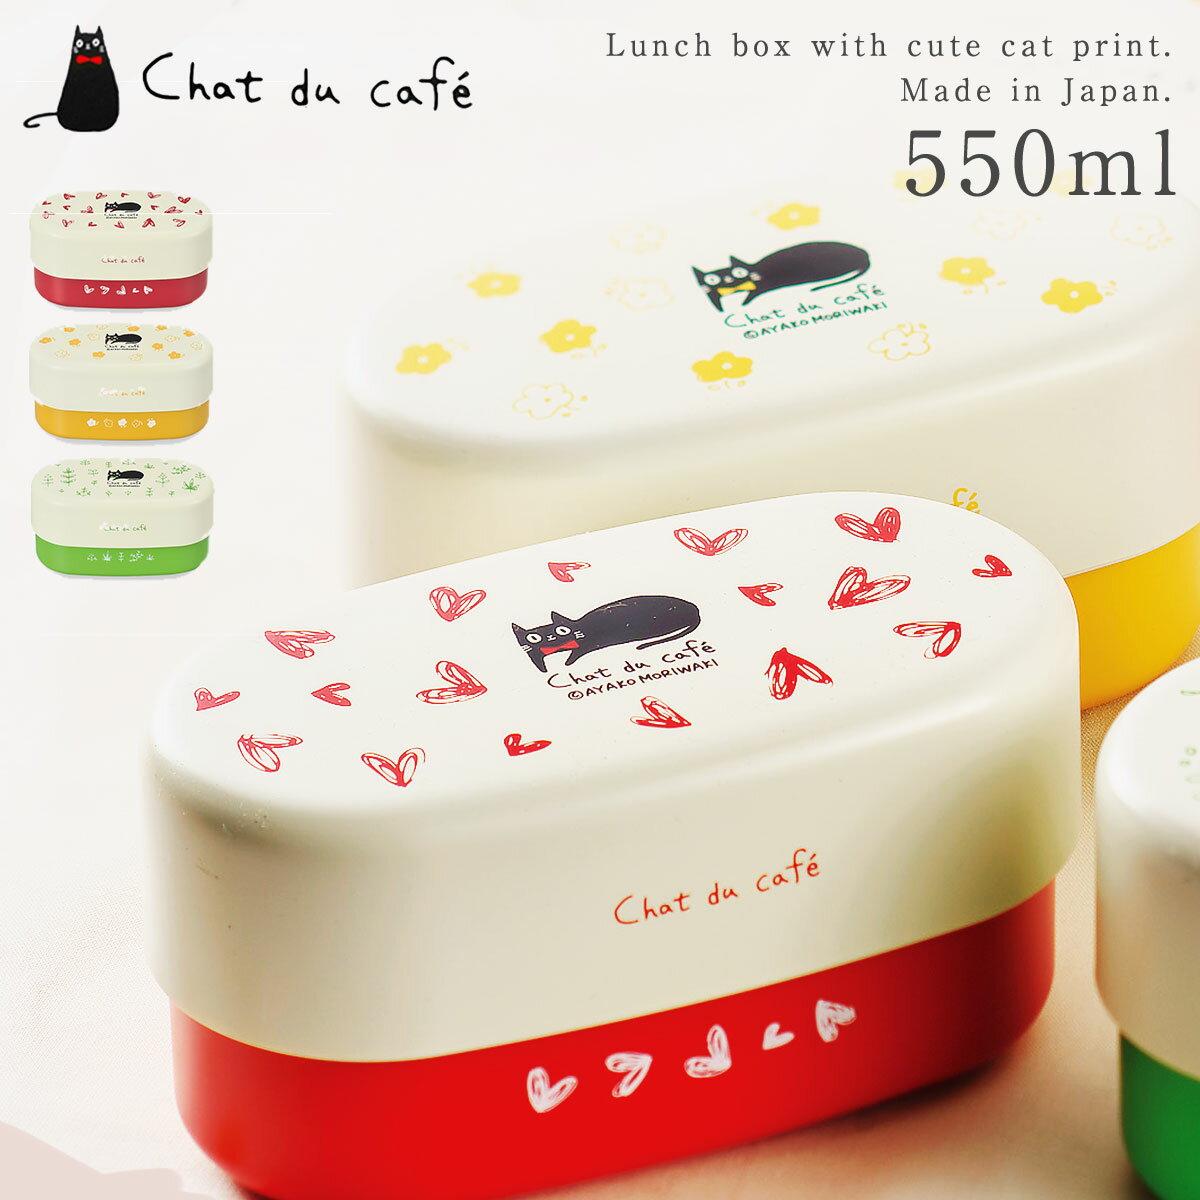 弁当箱 2段 ナチュラル 猫 かわいい 食洗機対...の商品画像